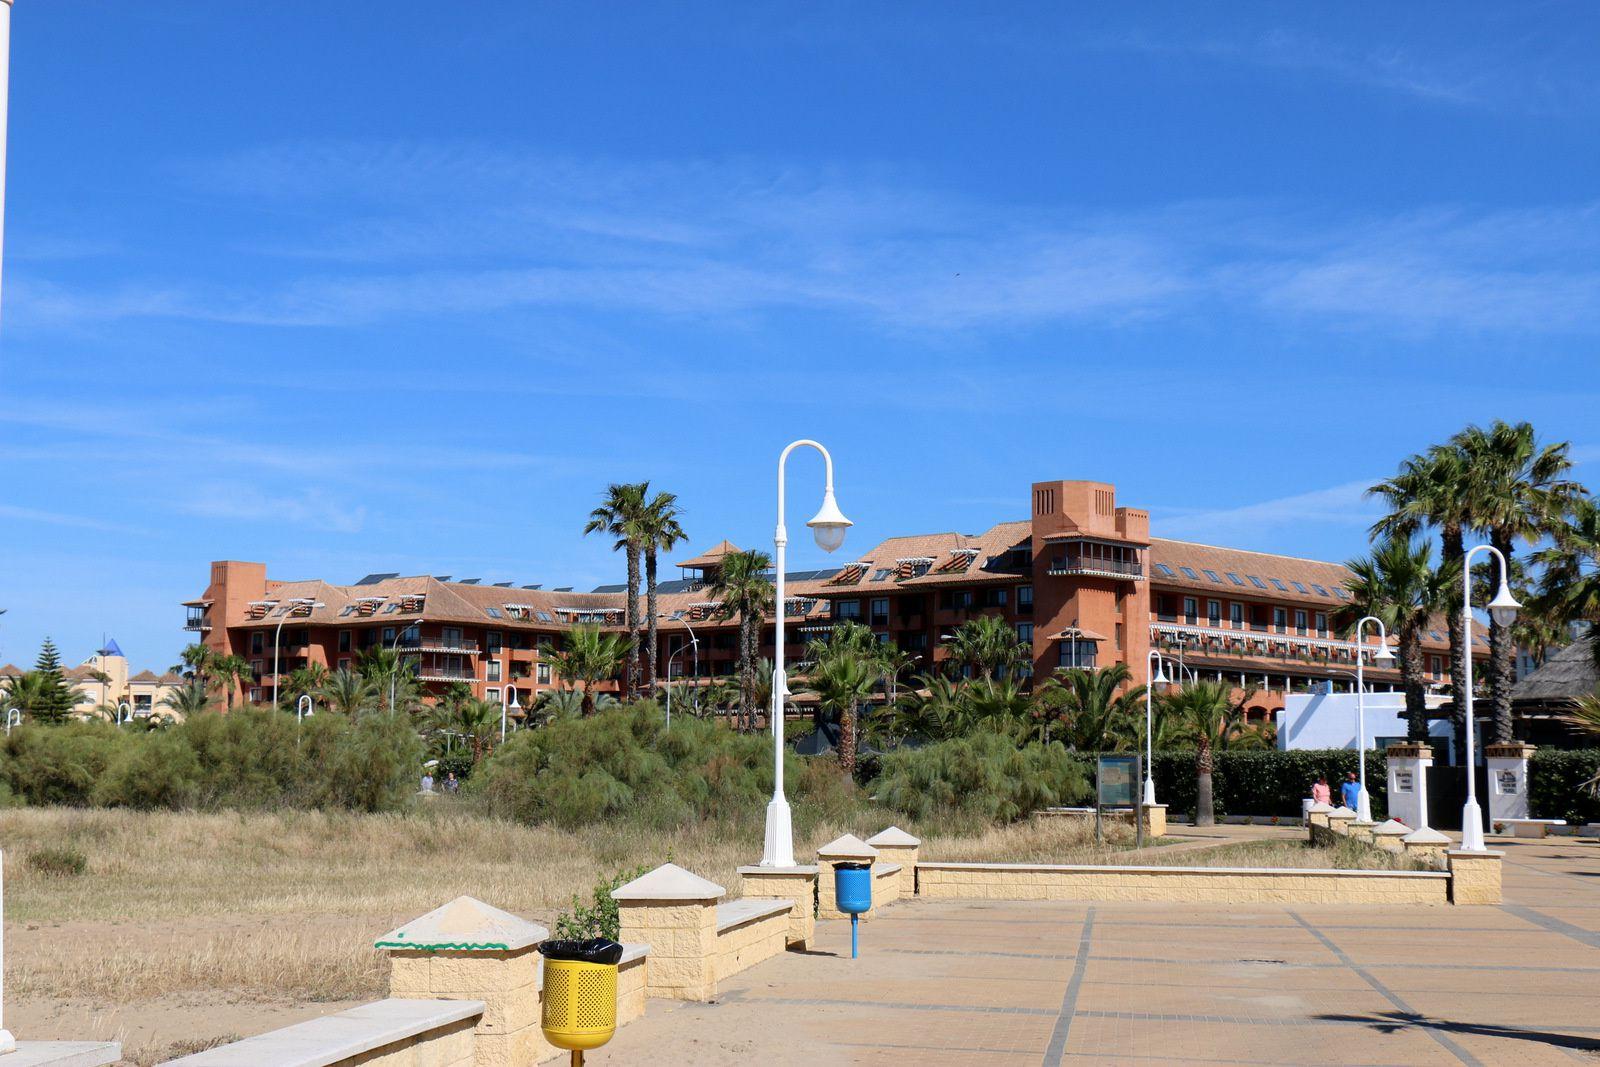 Eglise et complexes hôteliers, Islantilla (Andalousie)